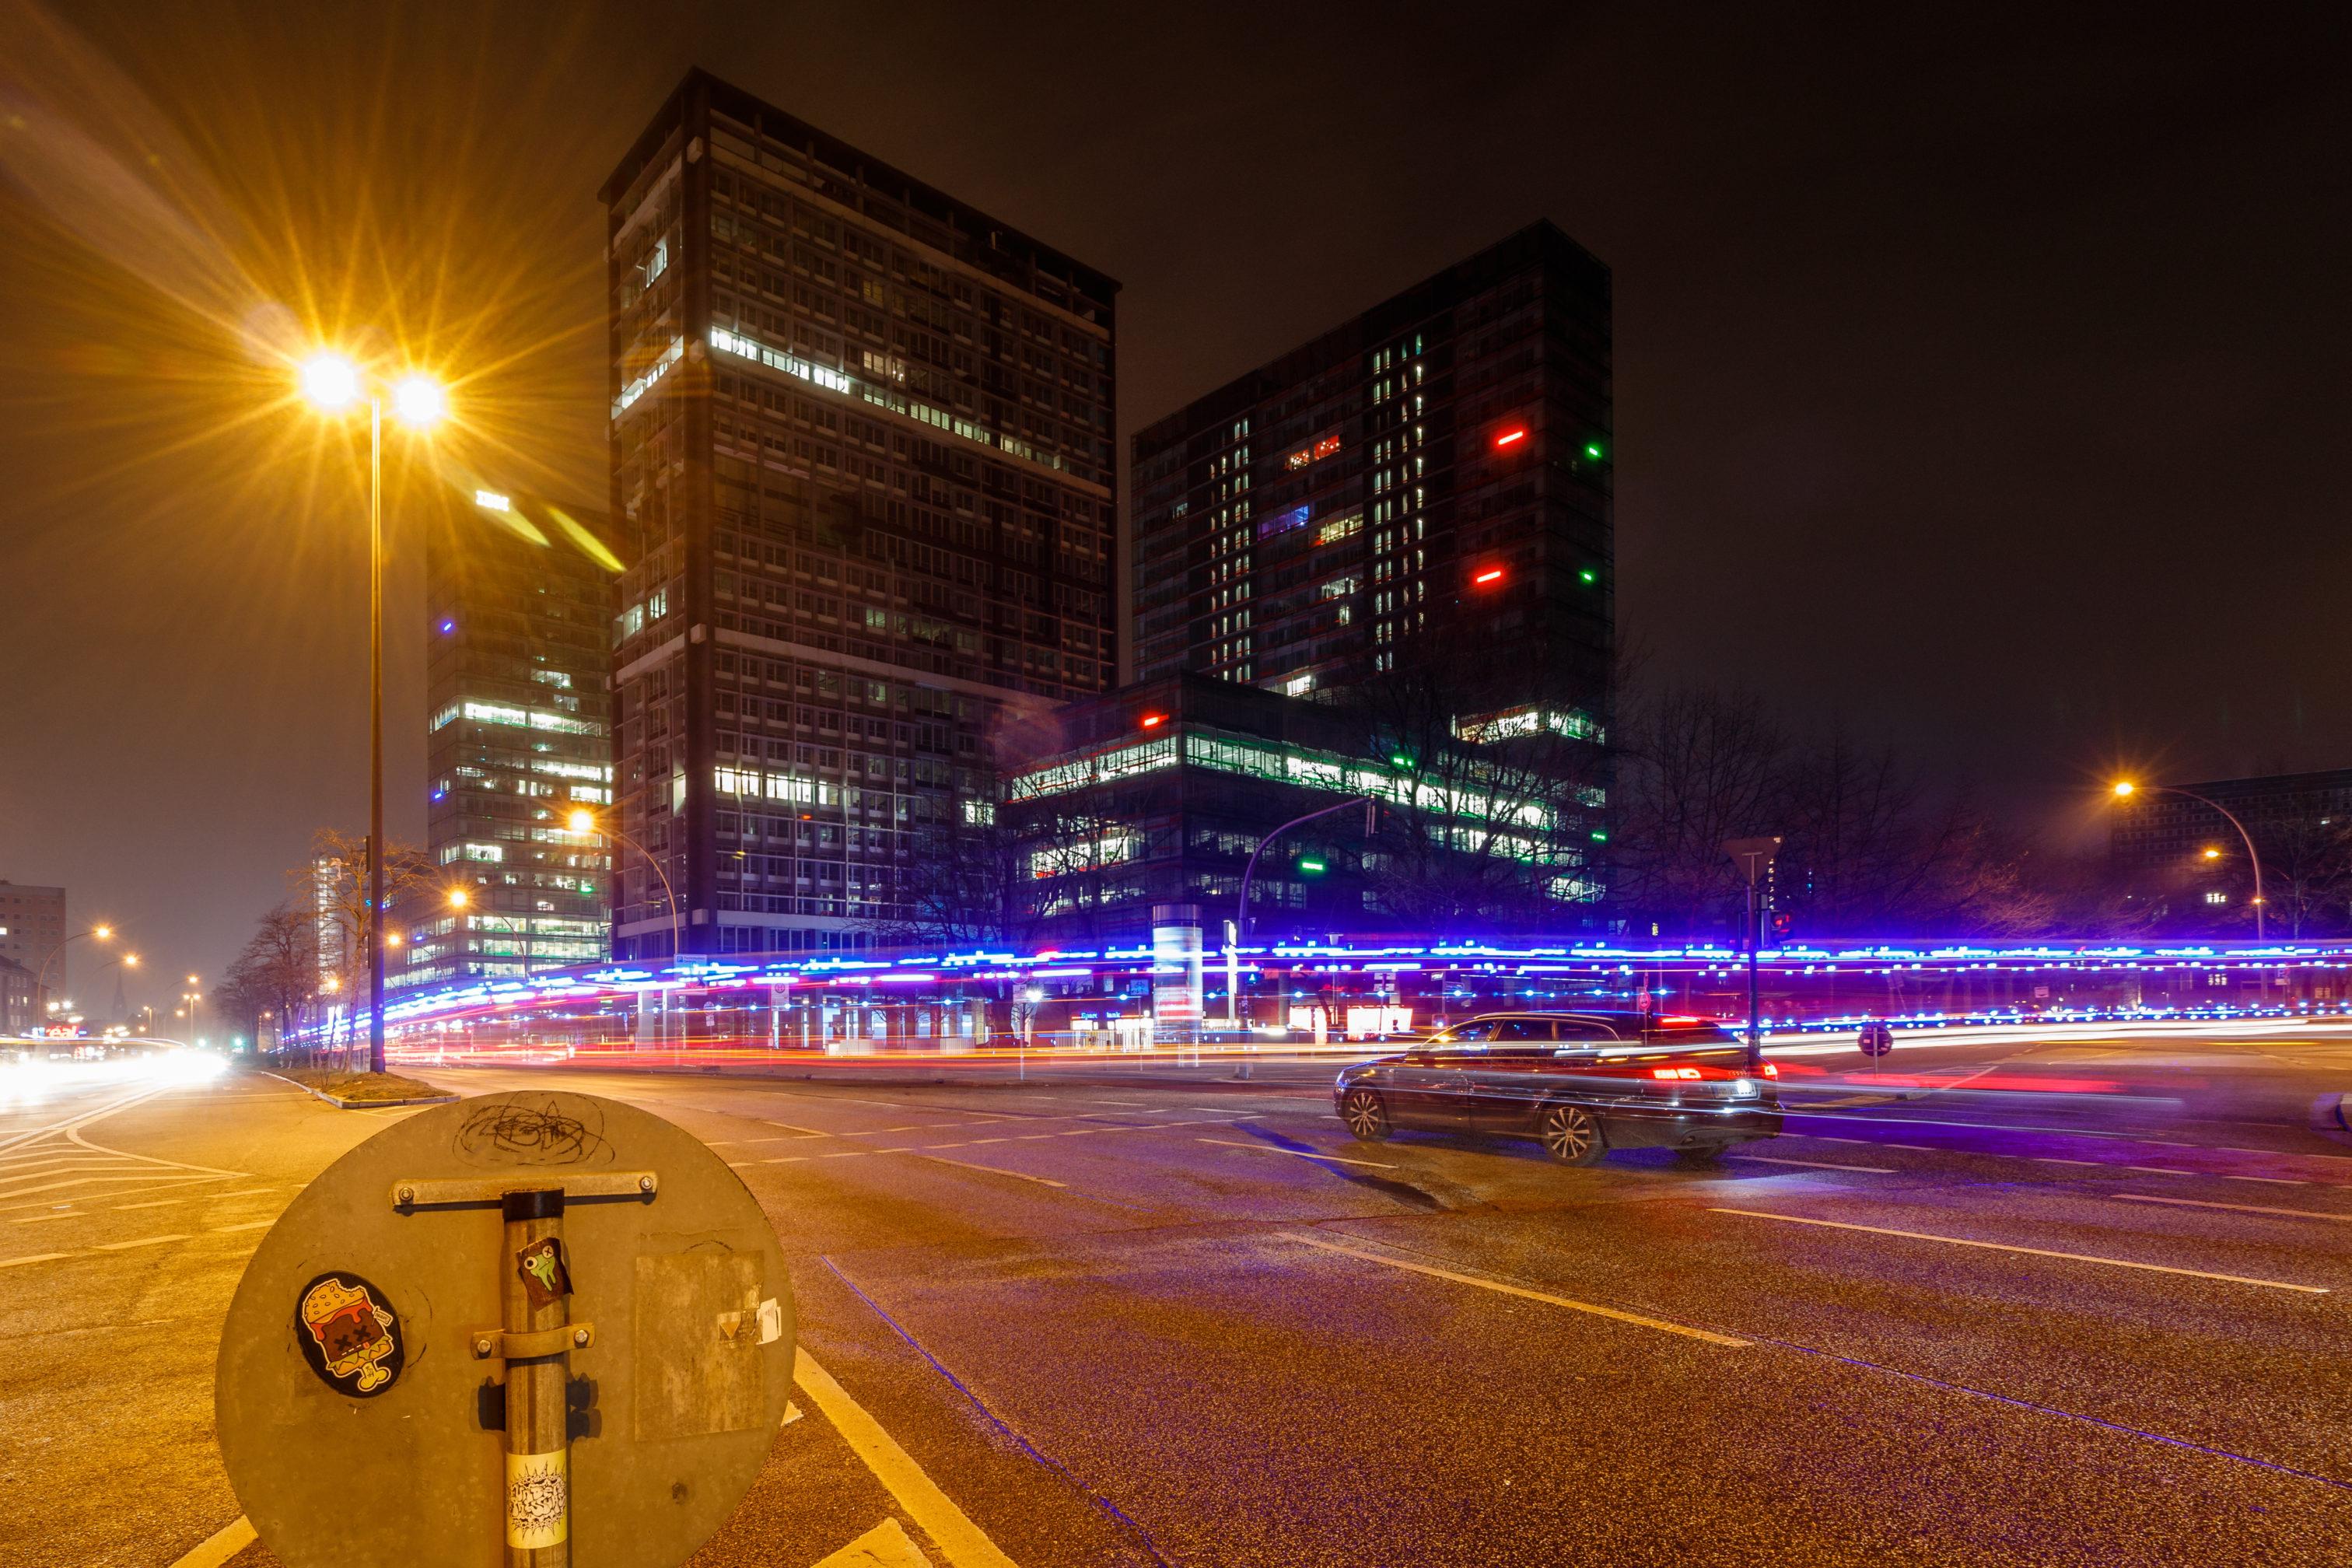 Eine Kreuzung in einer Stadt; von rechts sieht man eine Spur mit Blaulicht in das Bild kommen